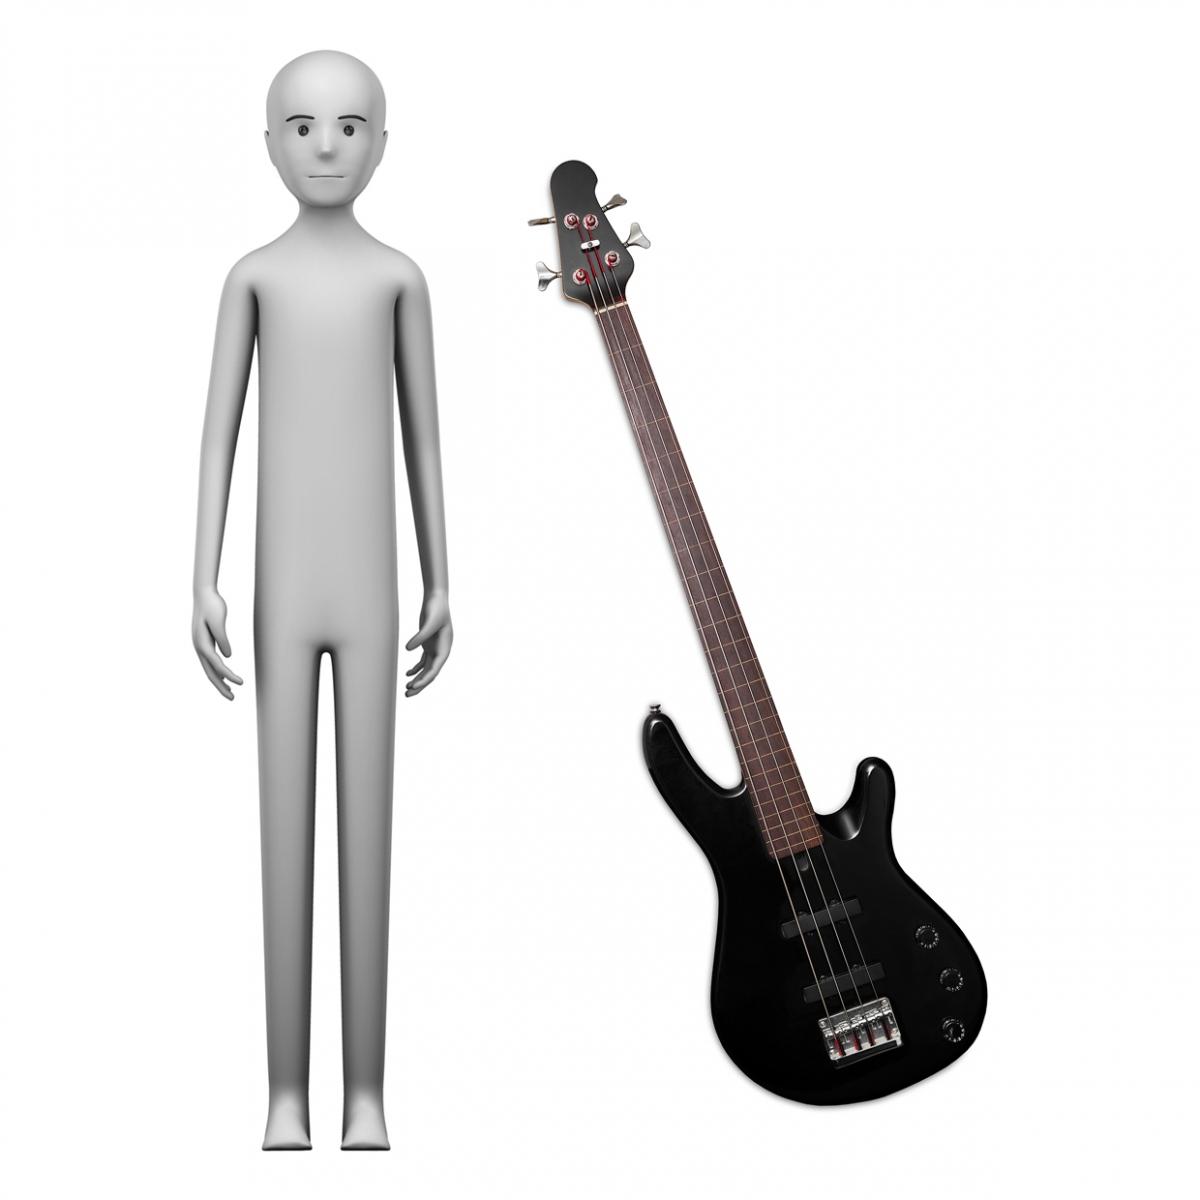 Imagen en la que se ve el concepto de profesión bajista